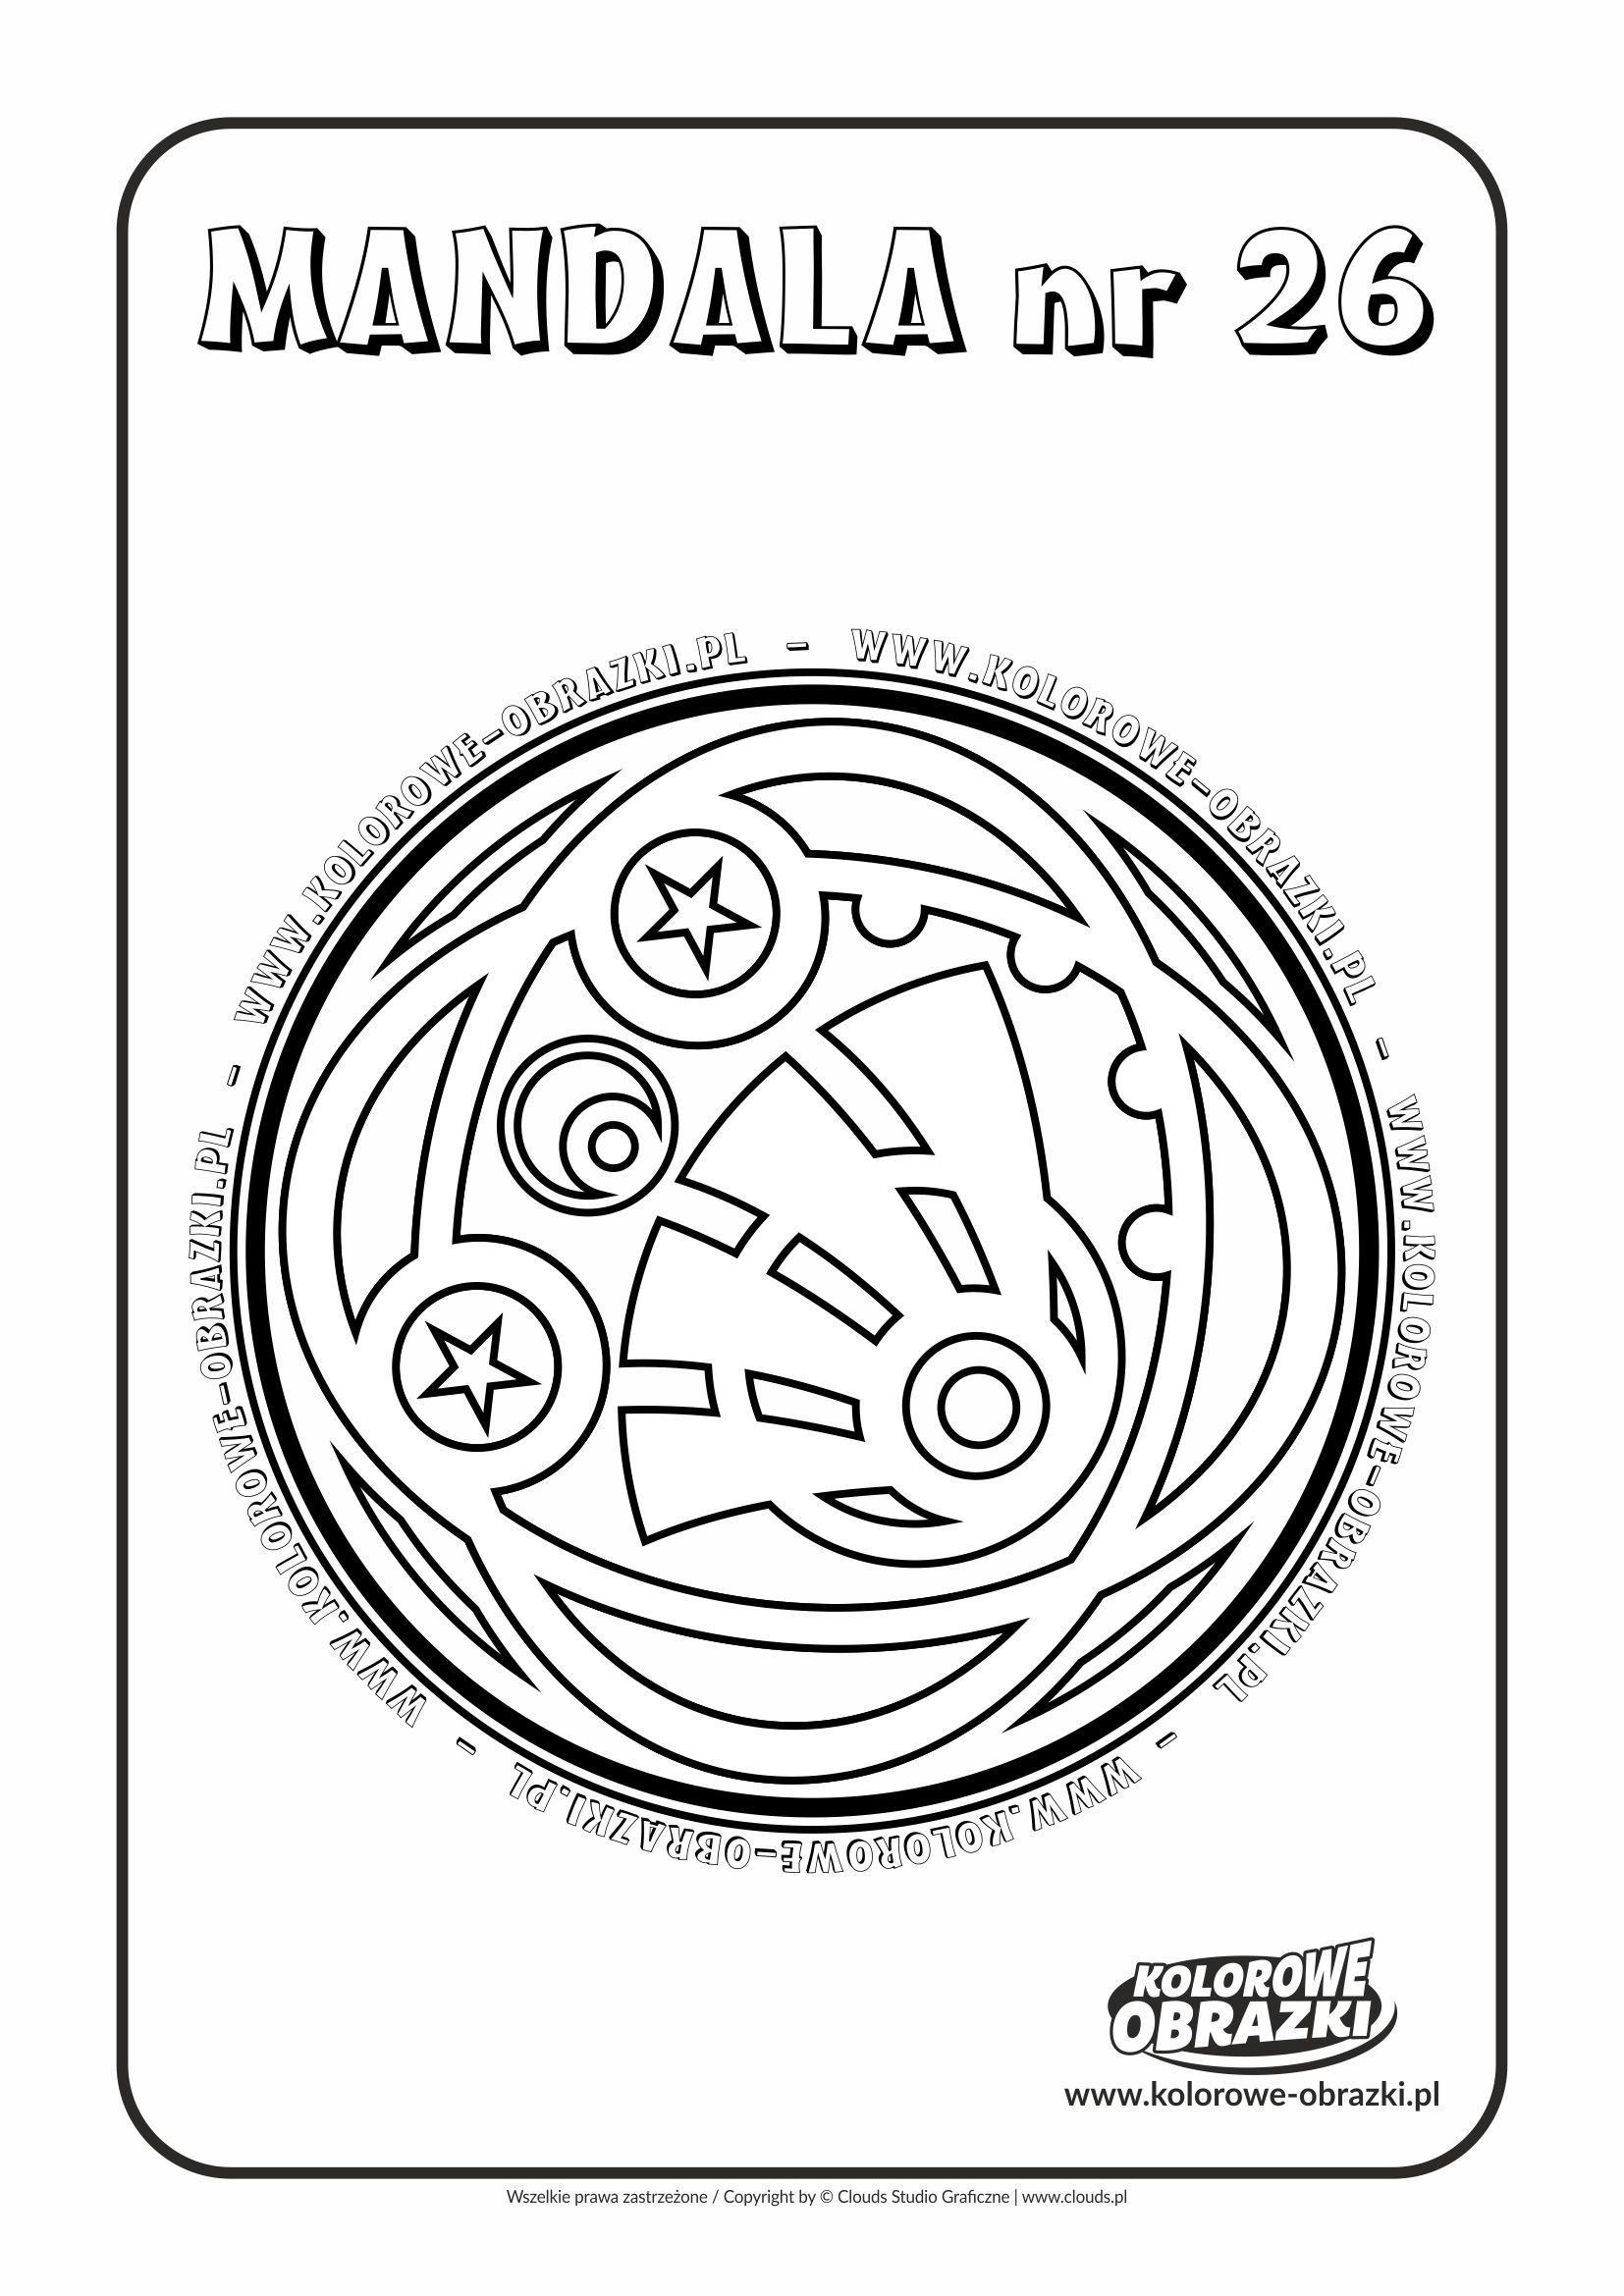 Kolorowanki dla dzieci - Mandale / Mandala nr 26. Kolorowanka z mandalą